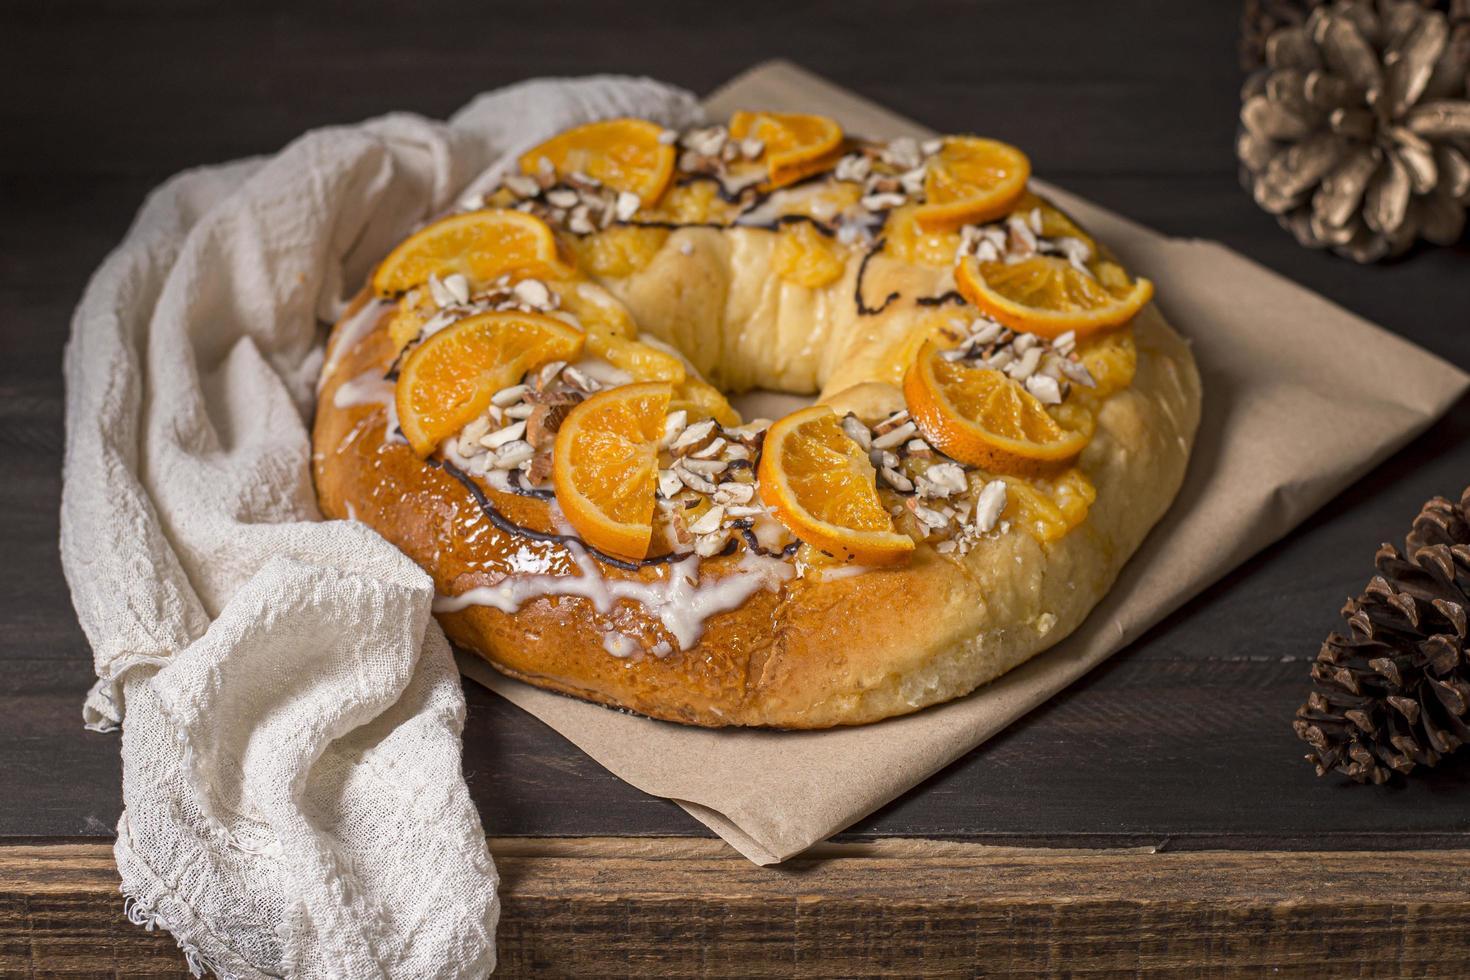 Dreikönigstagsnahrung mit geschnittenem weißen Orangentuch foto